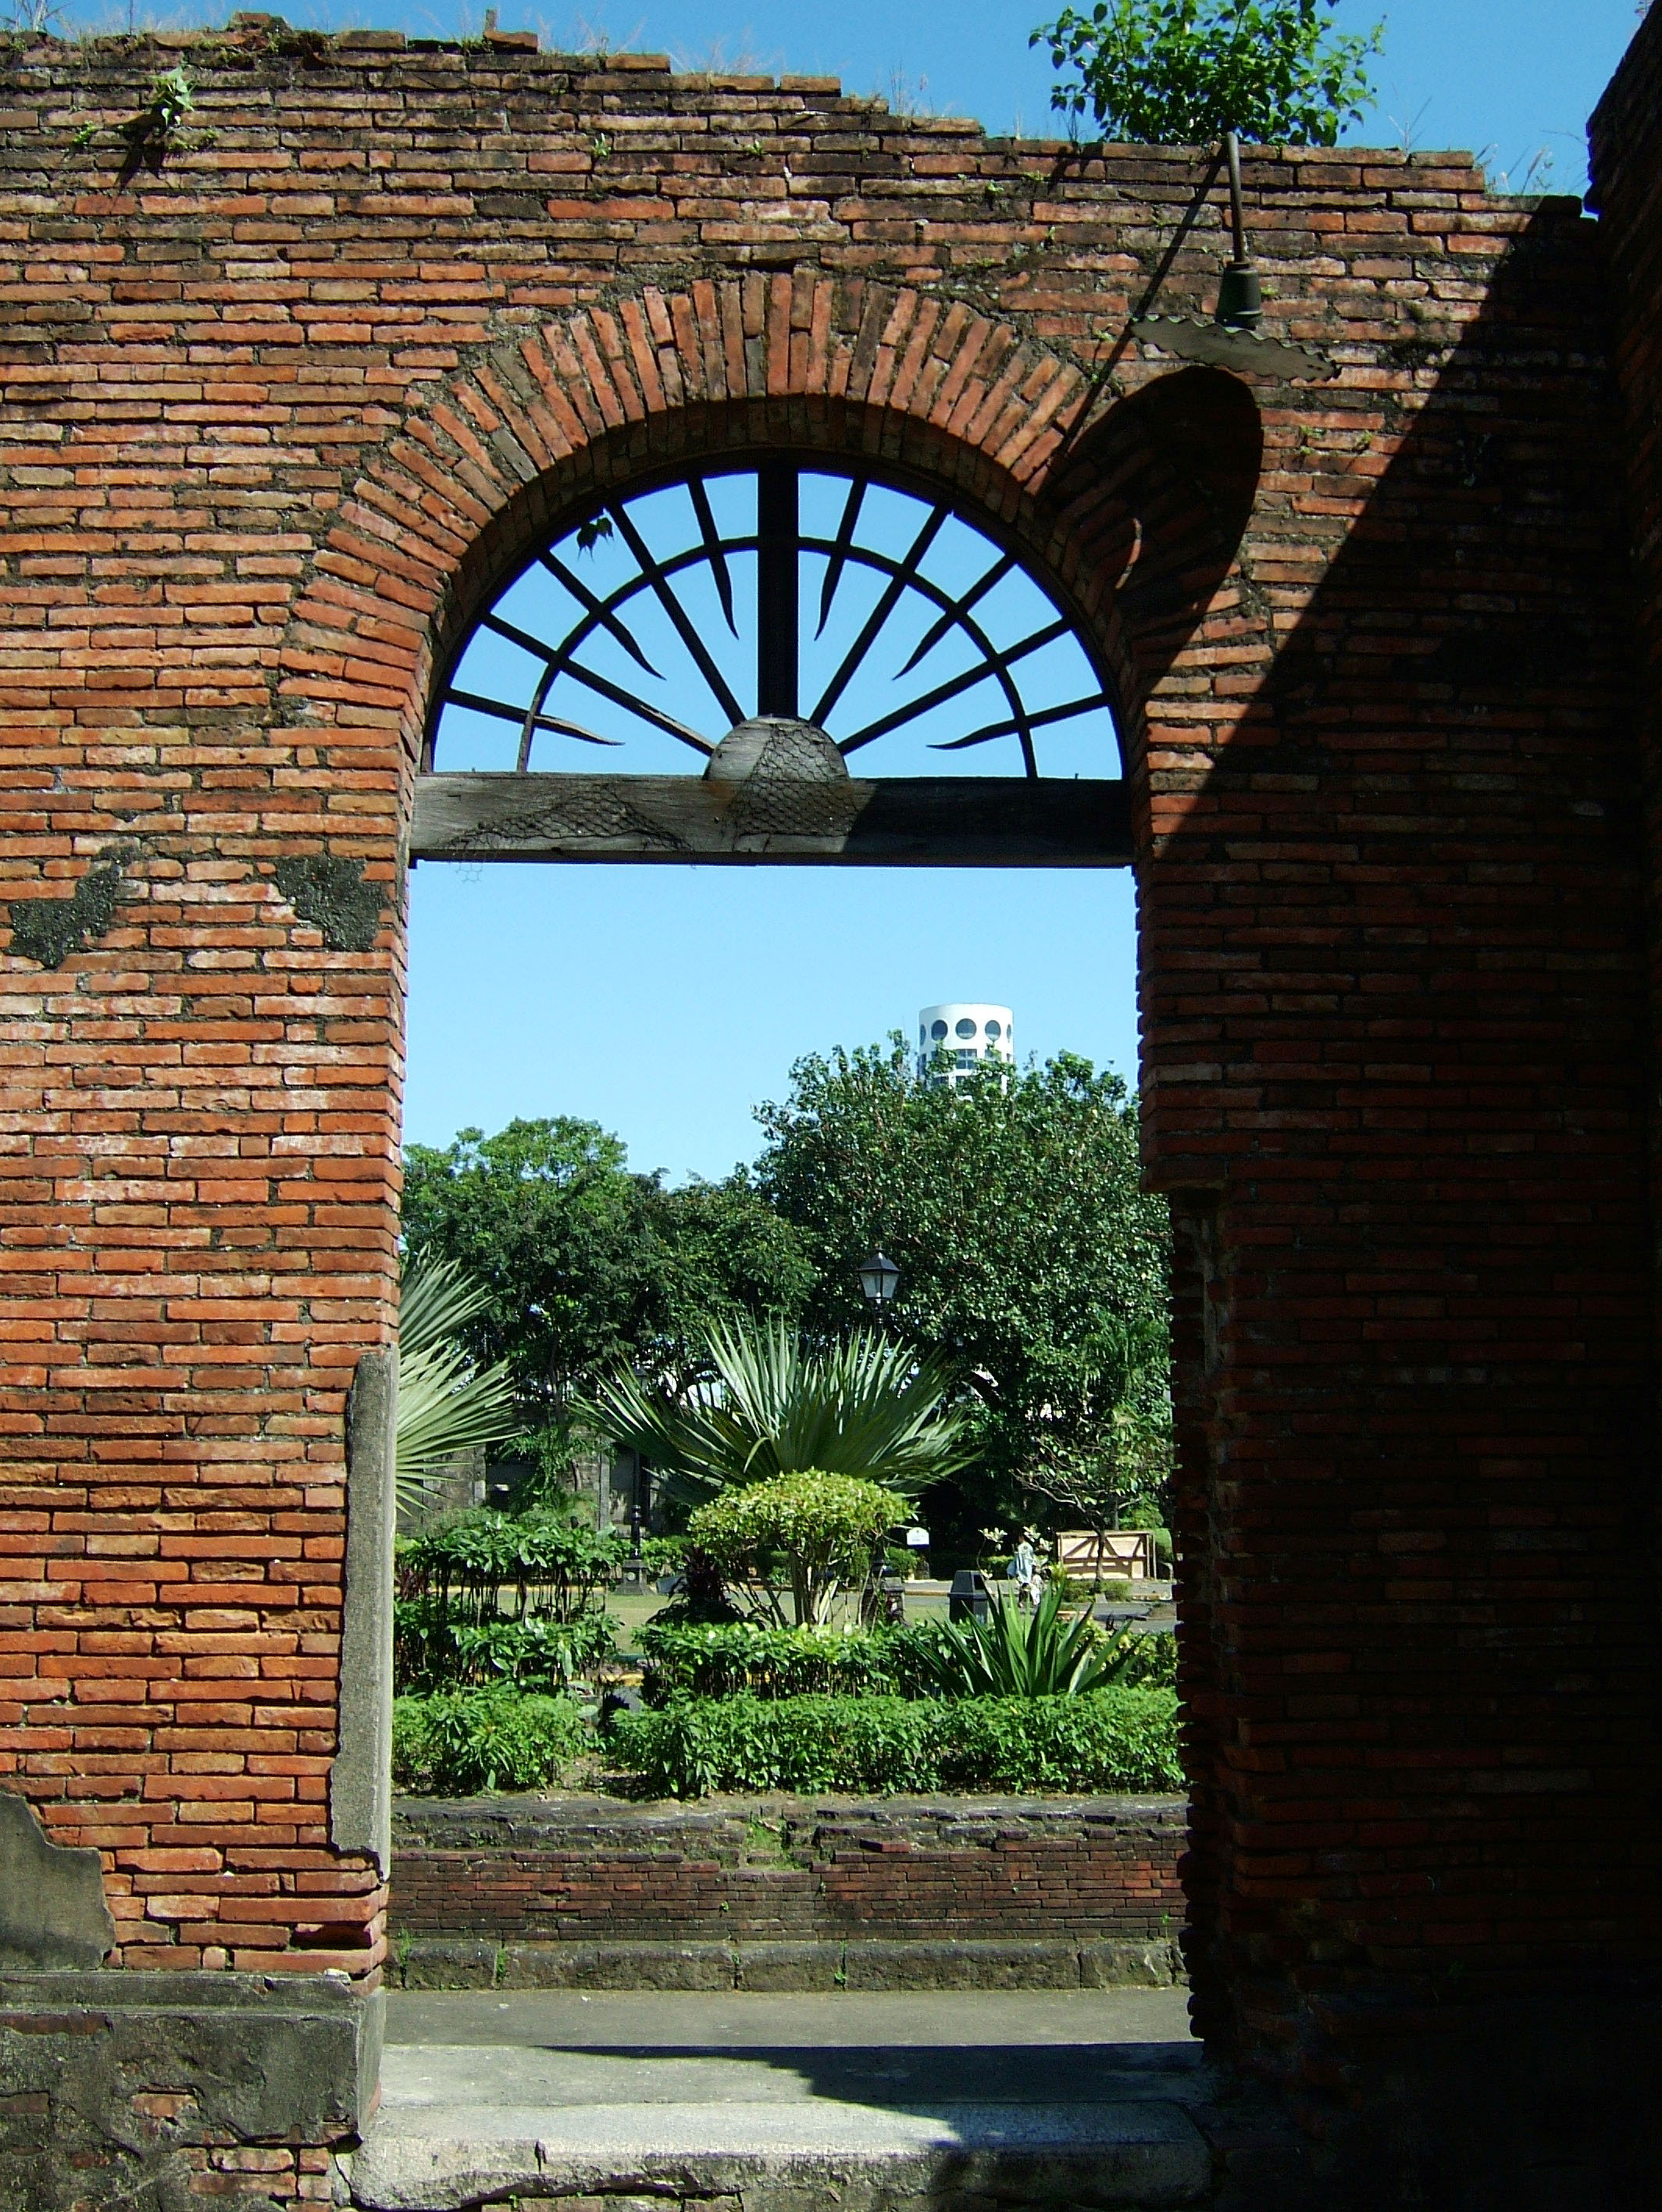 Philippines Luzon Manila Fort Santiago grounds Dec 2003 03